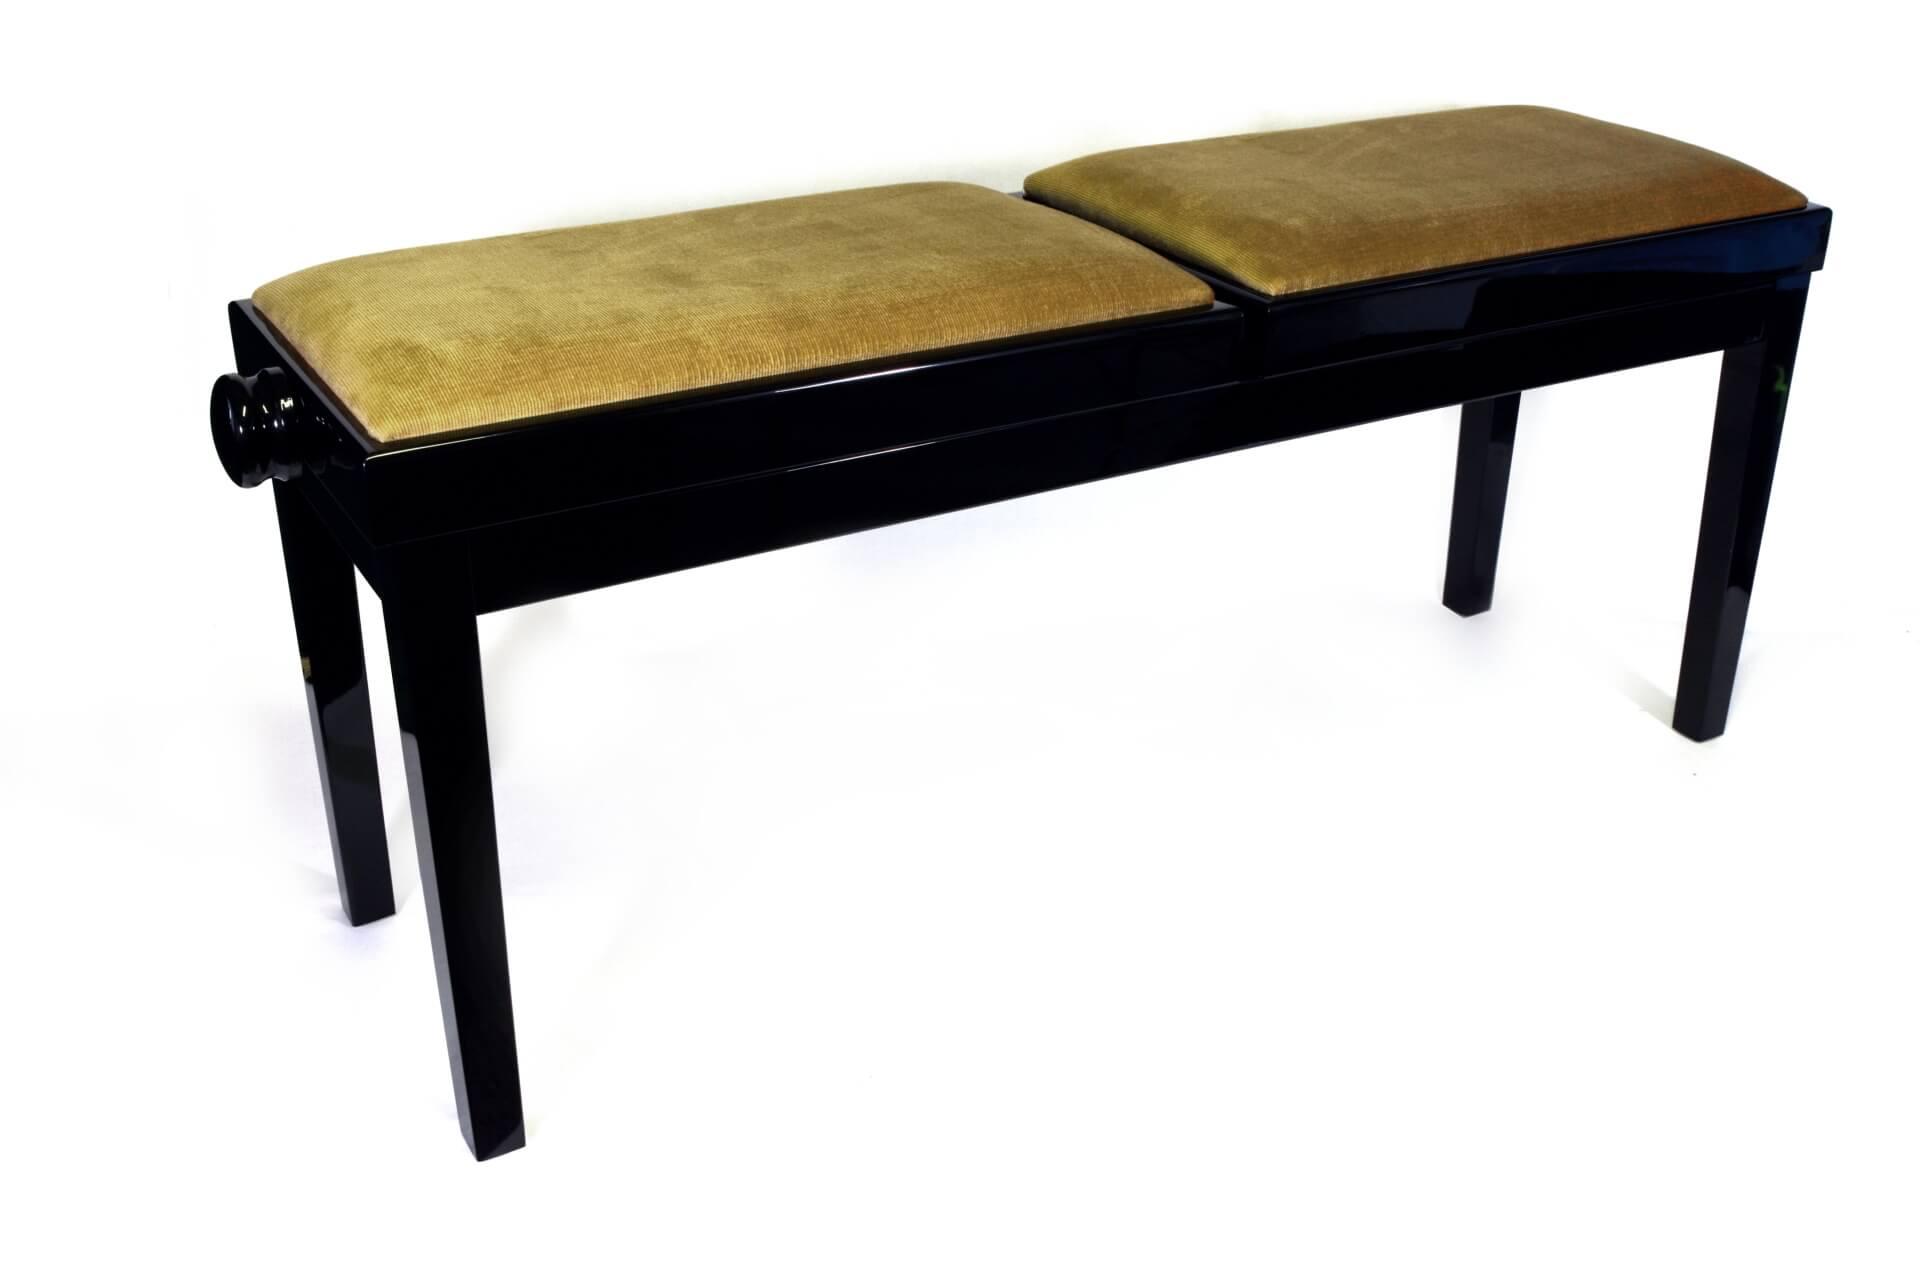 tabouret de piano double mascagni velours noisette. Black Bedroom Furniture Sets. Home Design Ideas